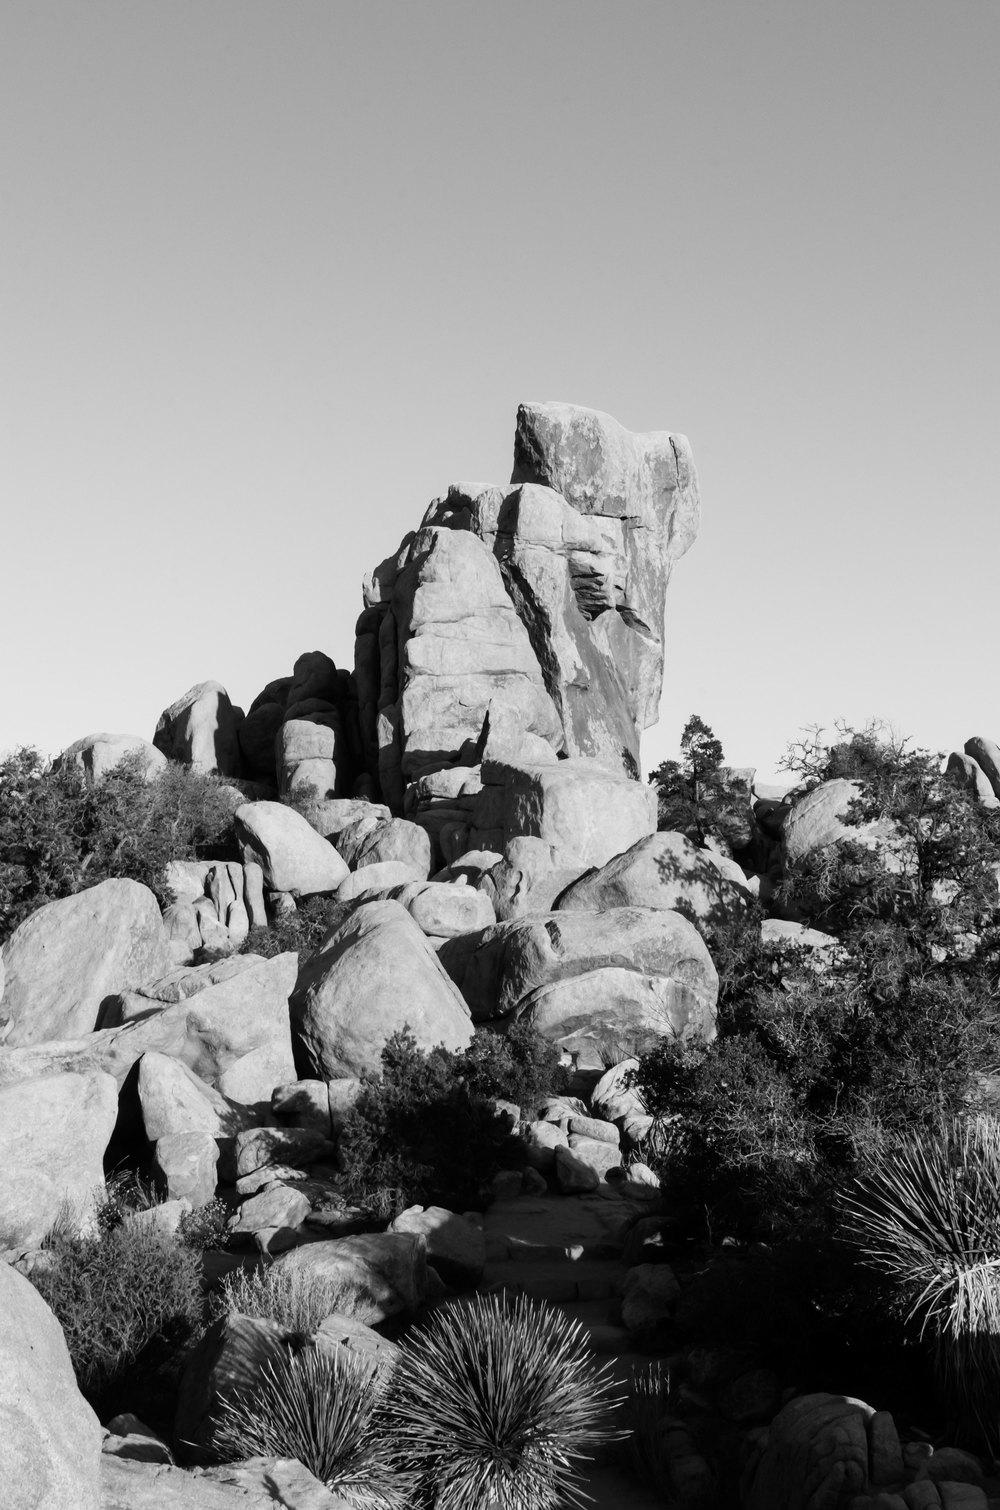 Joshua-Tree-Rocks-bw-casenruiz.jpg